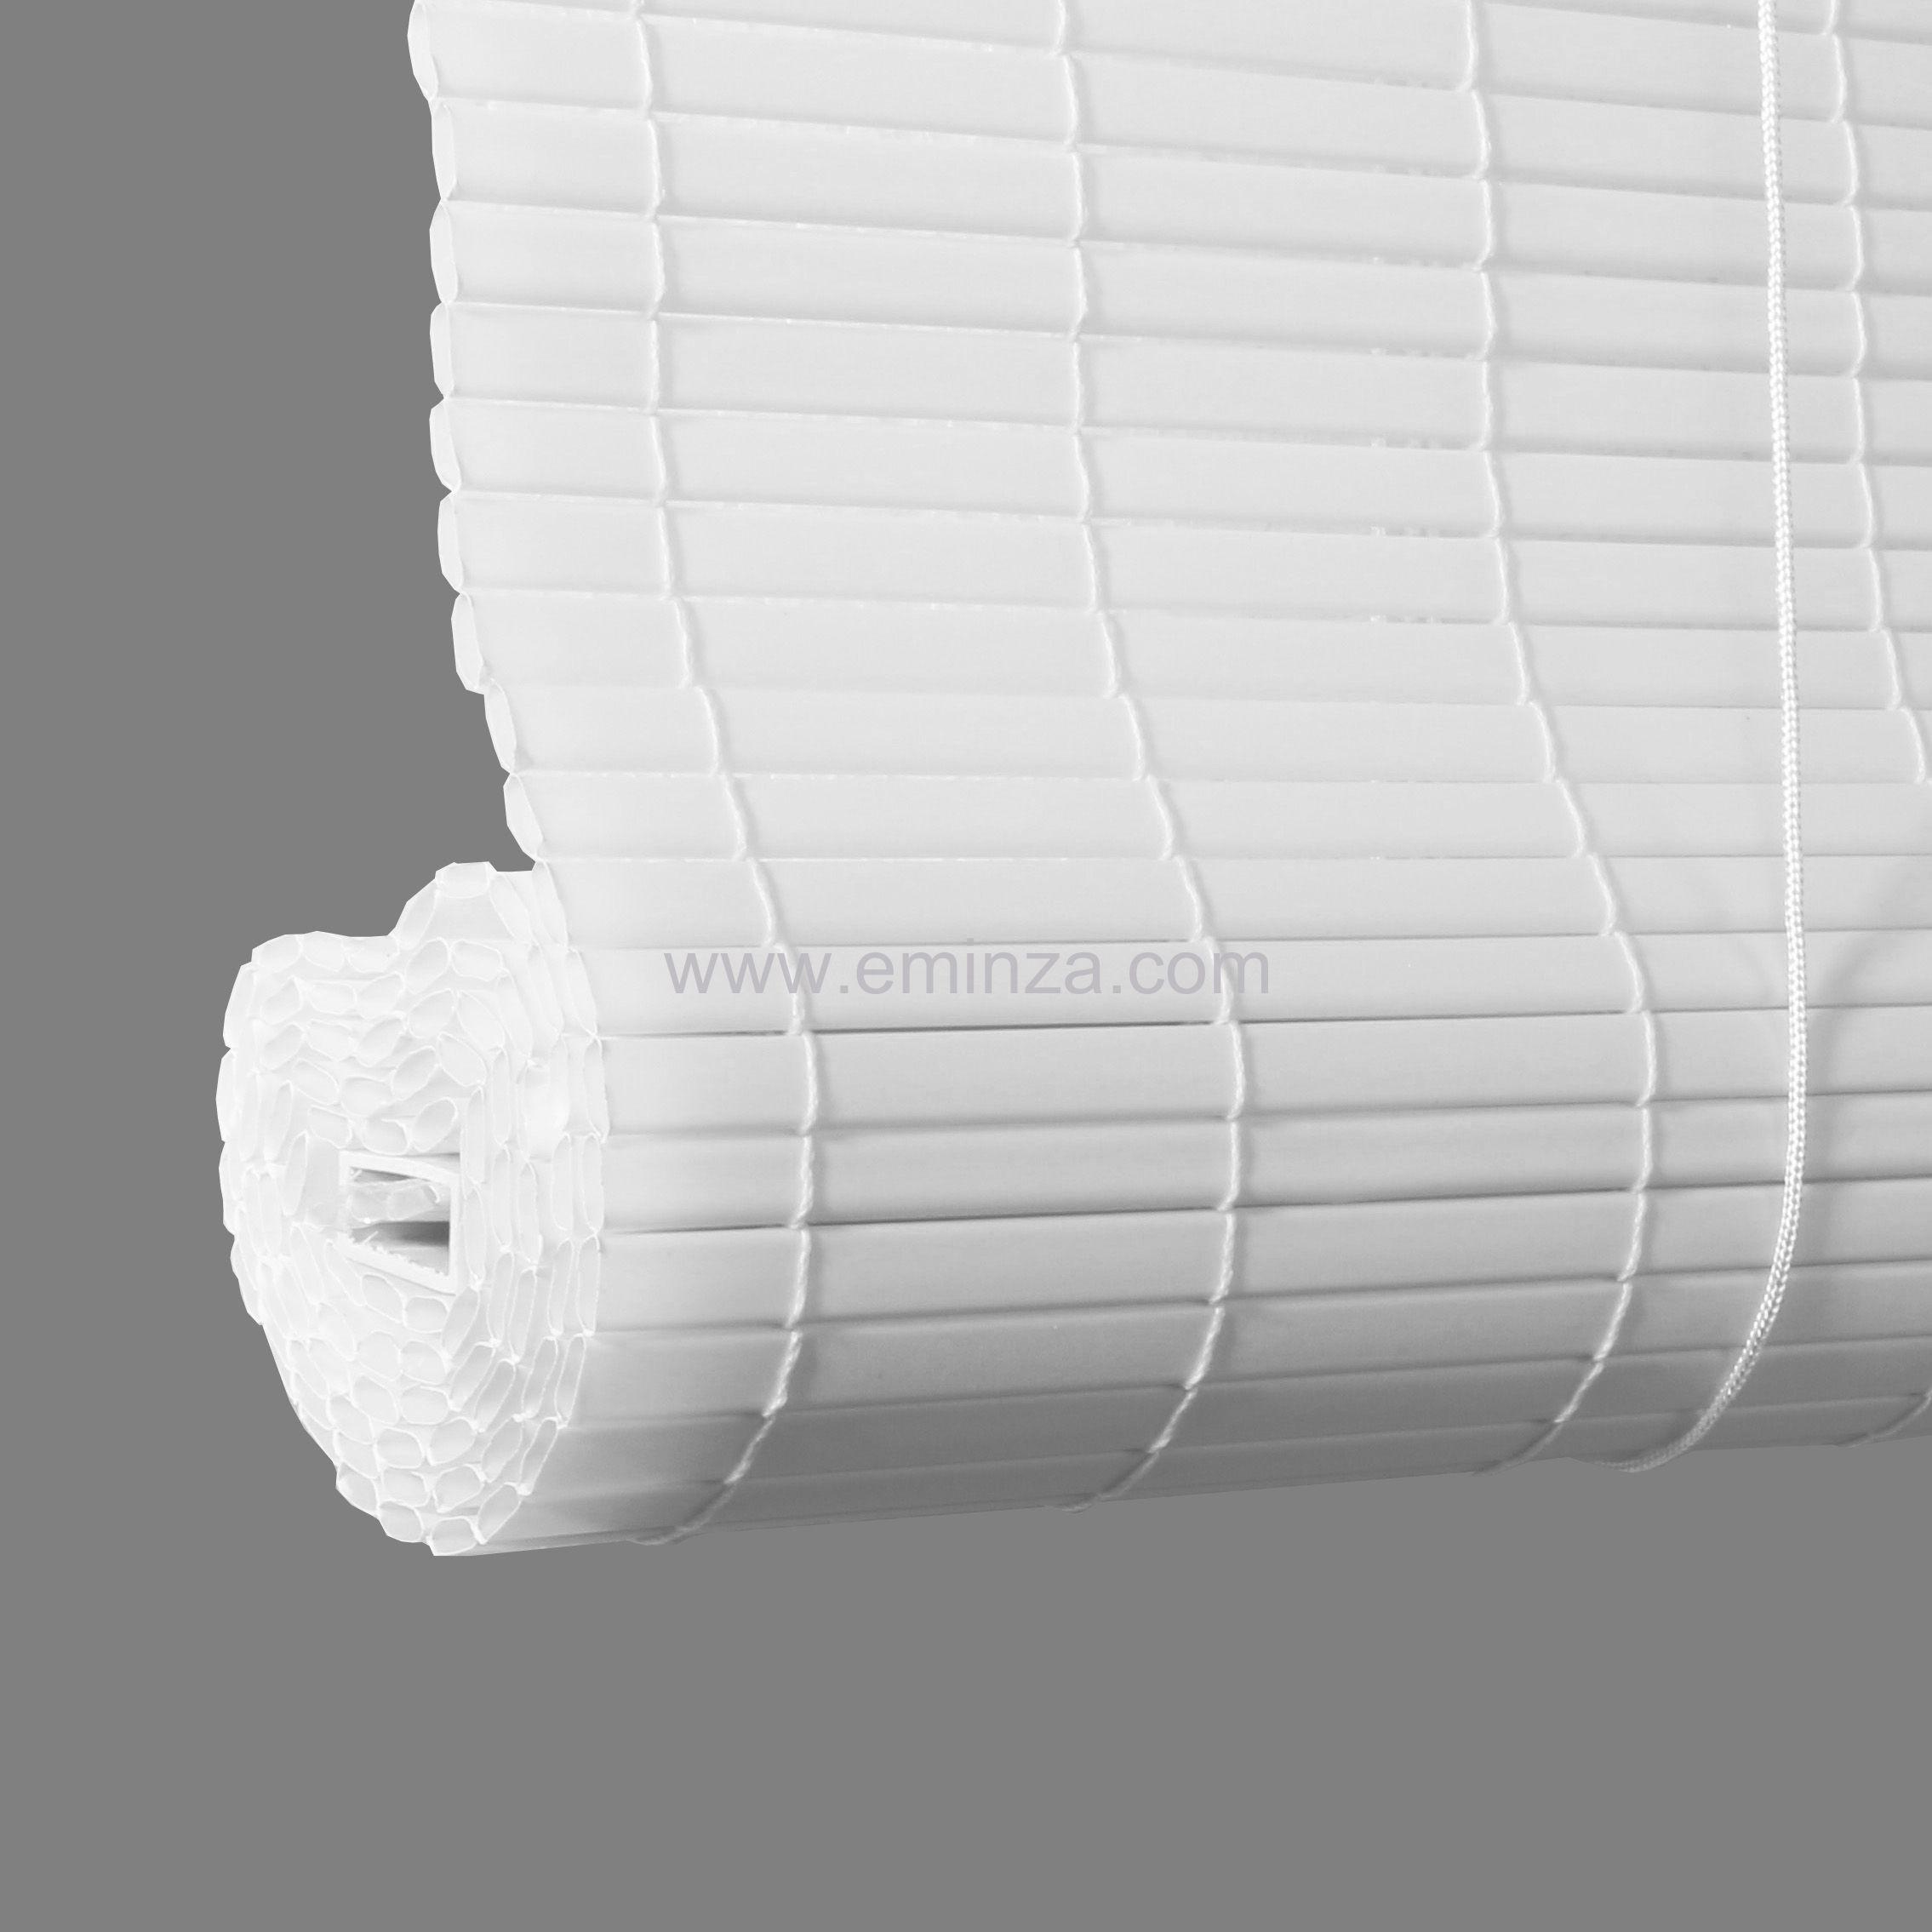 store enrouleur lattes 60 x h180 cm pvc blanc store int rieur eminza. Black Bedroom Furniture Sets. Home Design Ideas